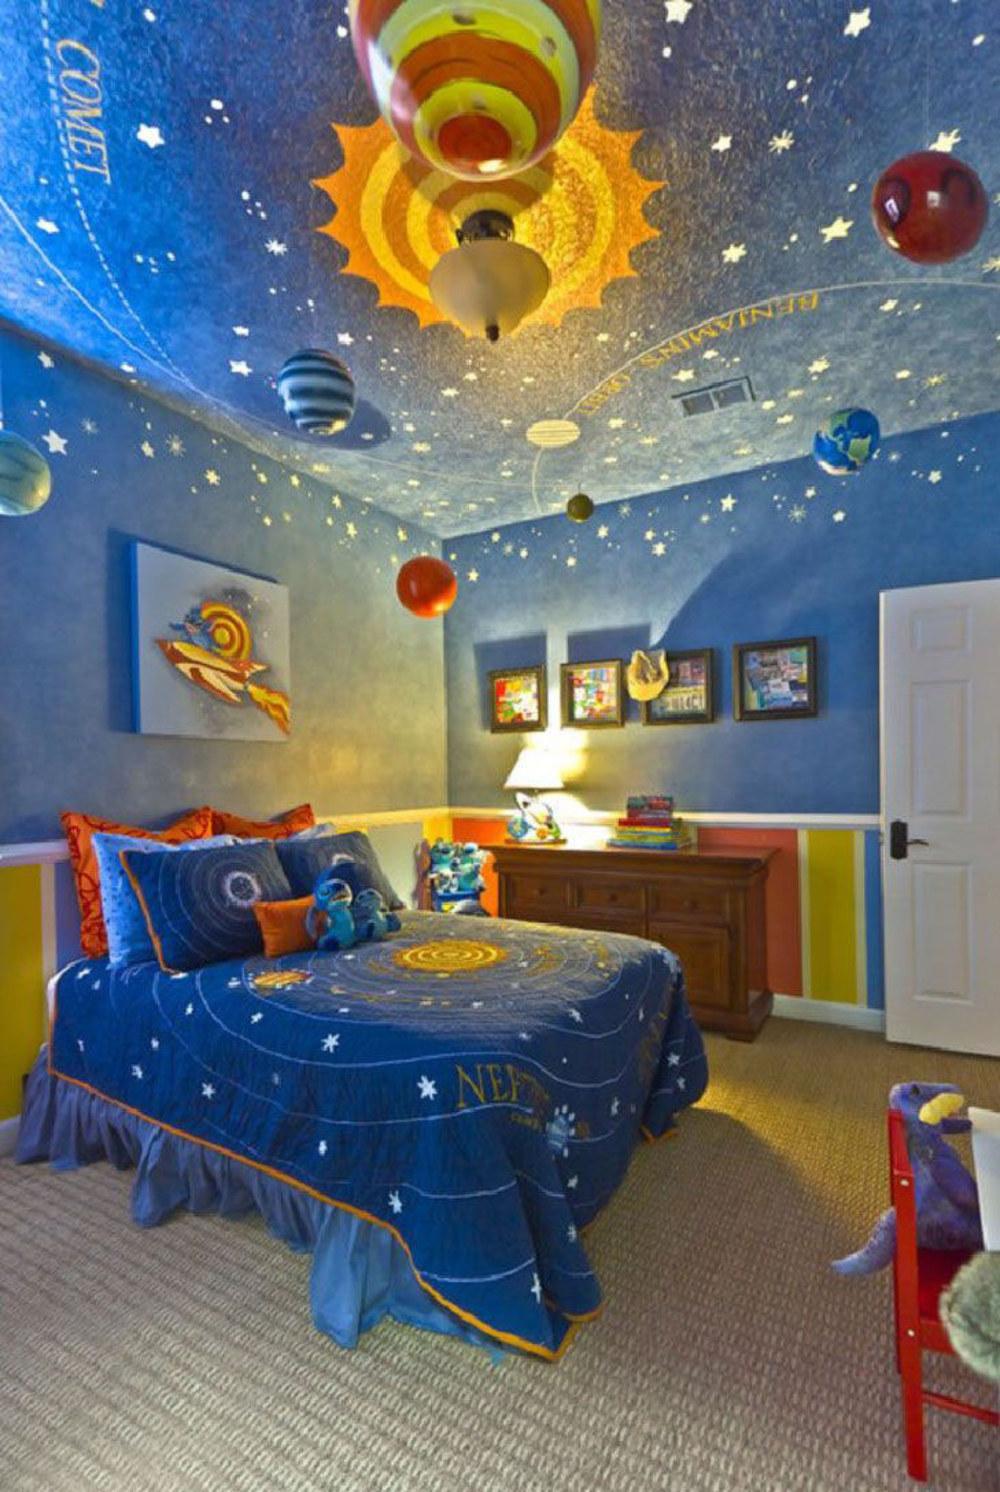 غرفة أطفال بديكور مميز 3 غرف نوم أطفال متميزة جدًا بديكورات مستوحاة من اهتماماتهم